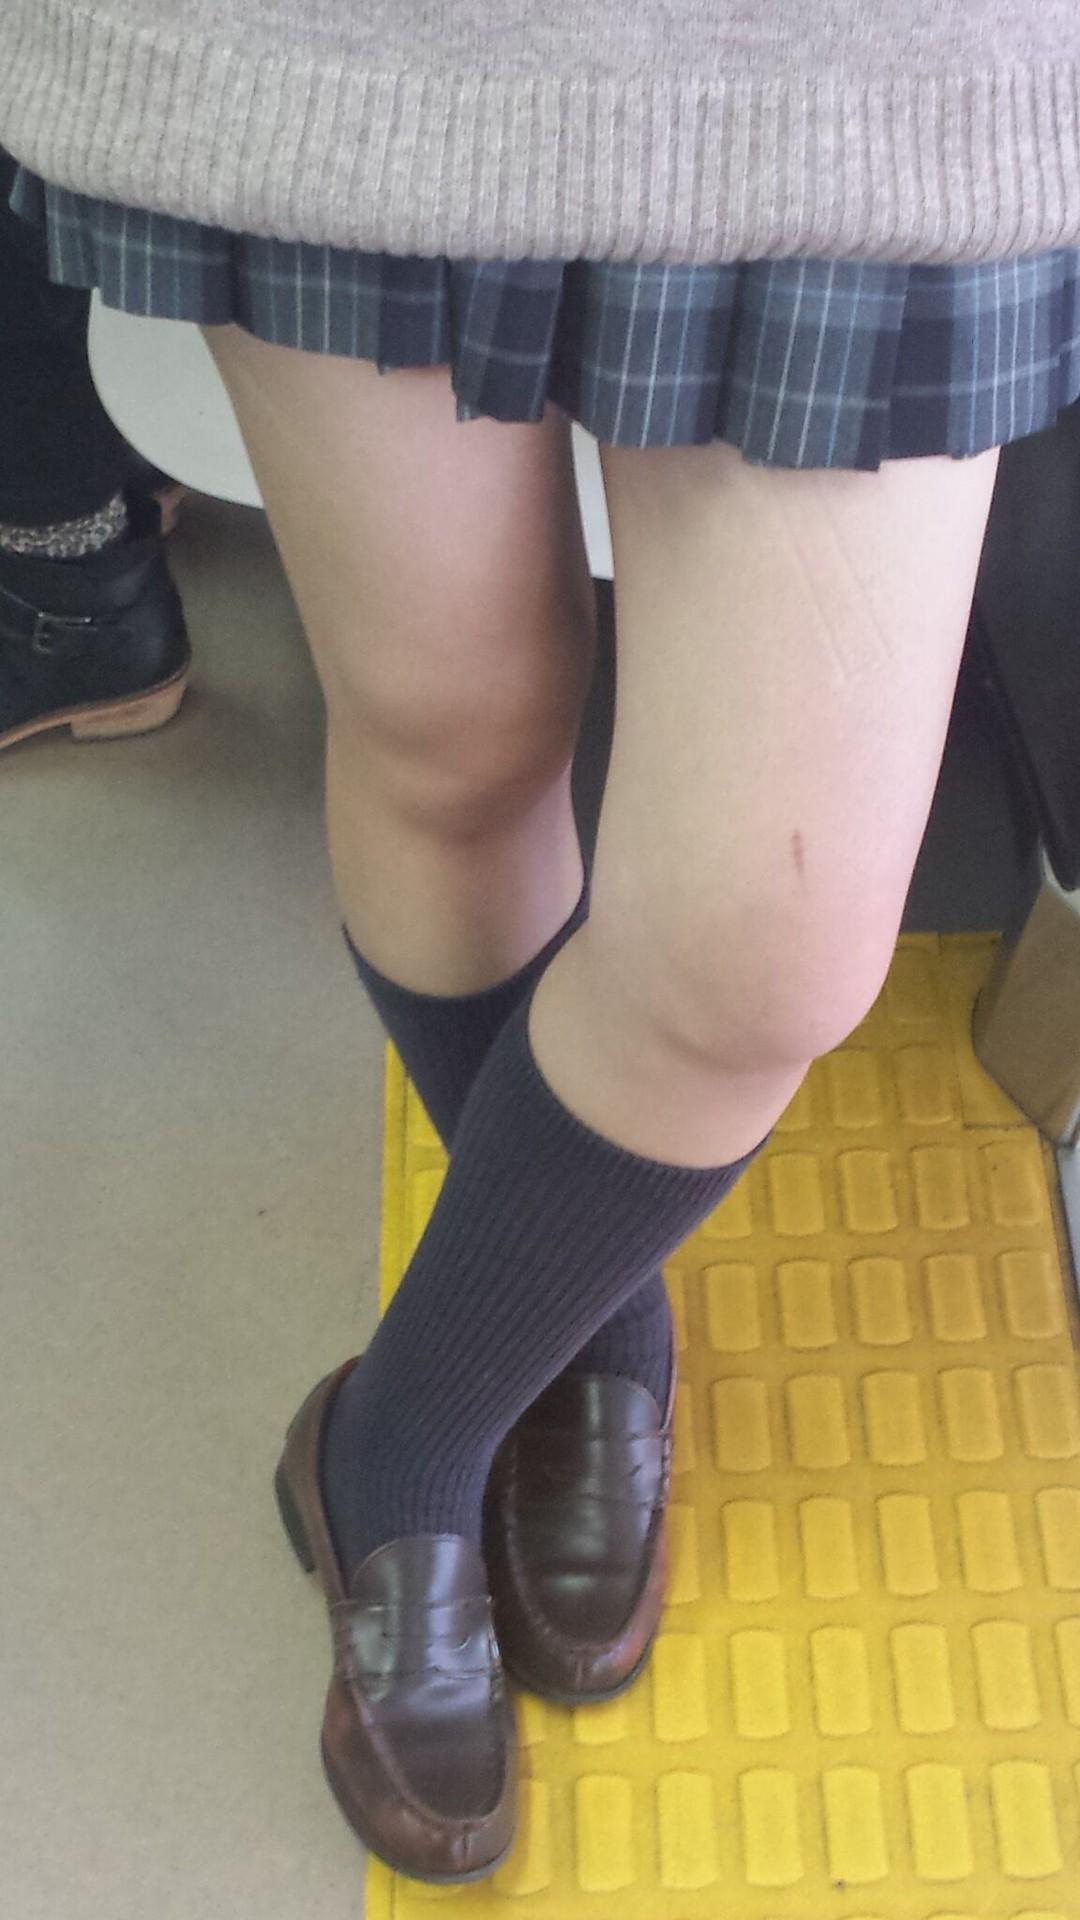 パンツが見えなくても抜ける女の子の太ももエロ画像 l2tqEoY5L